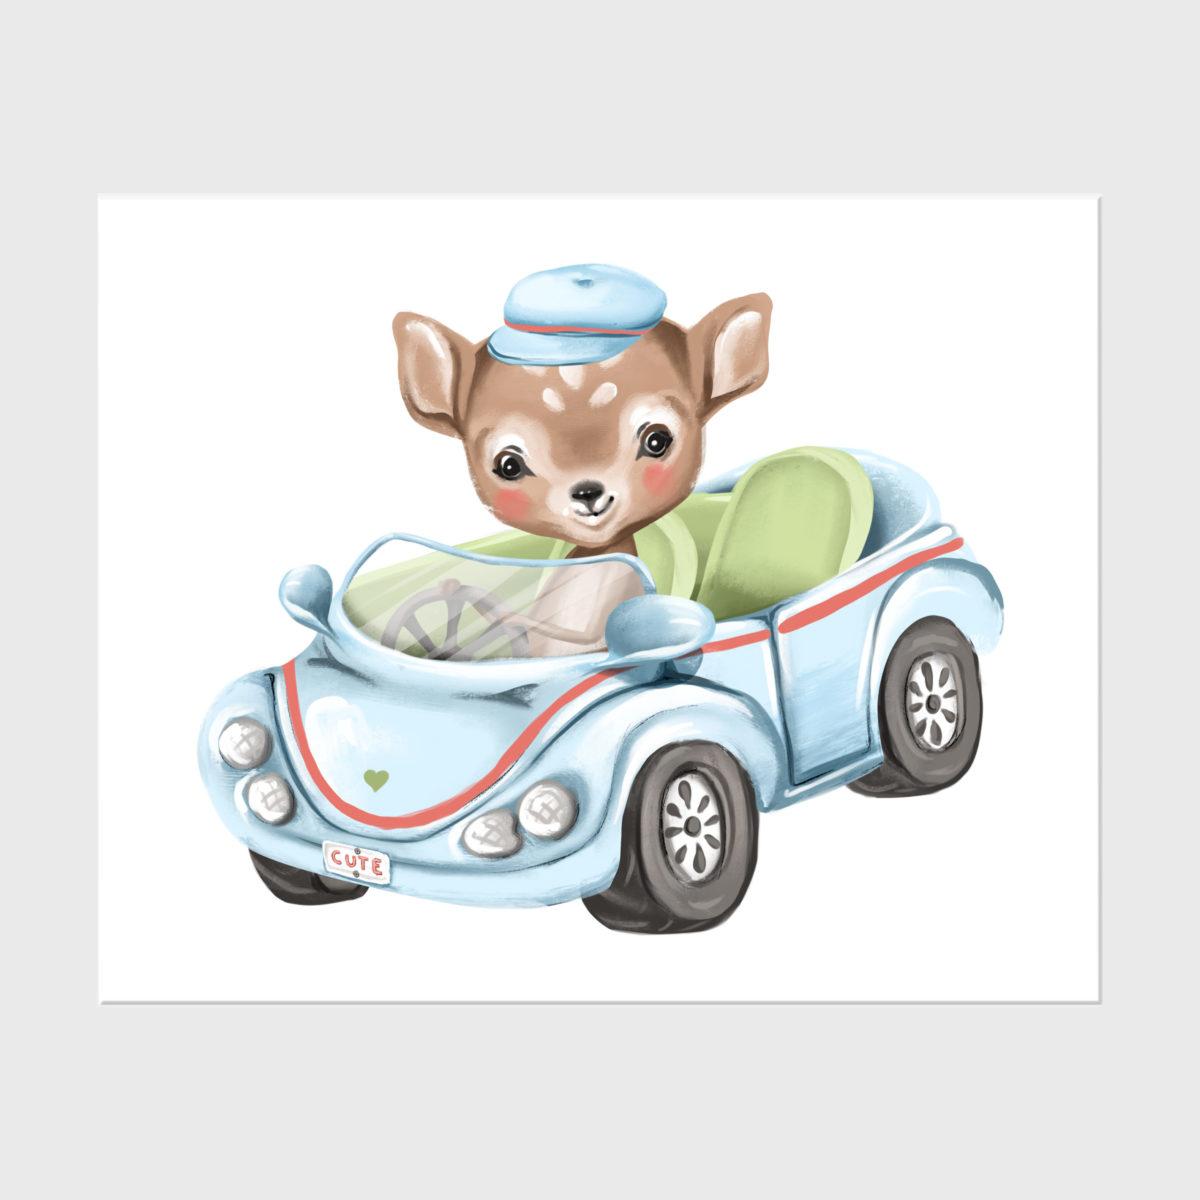 11. Baby deer in car